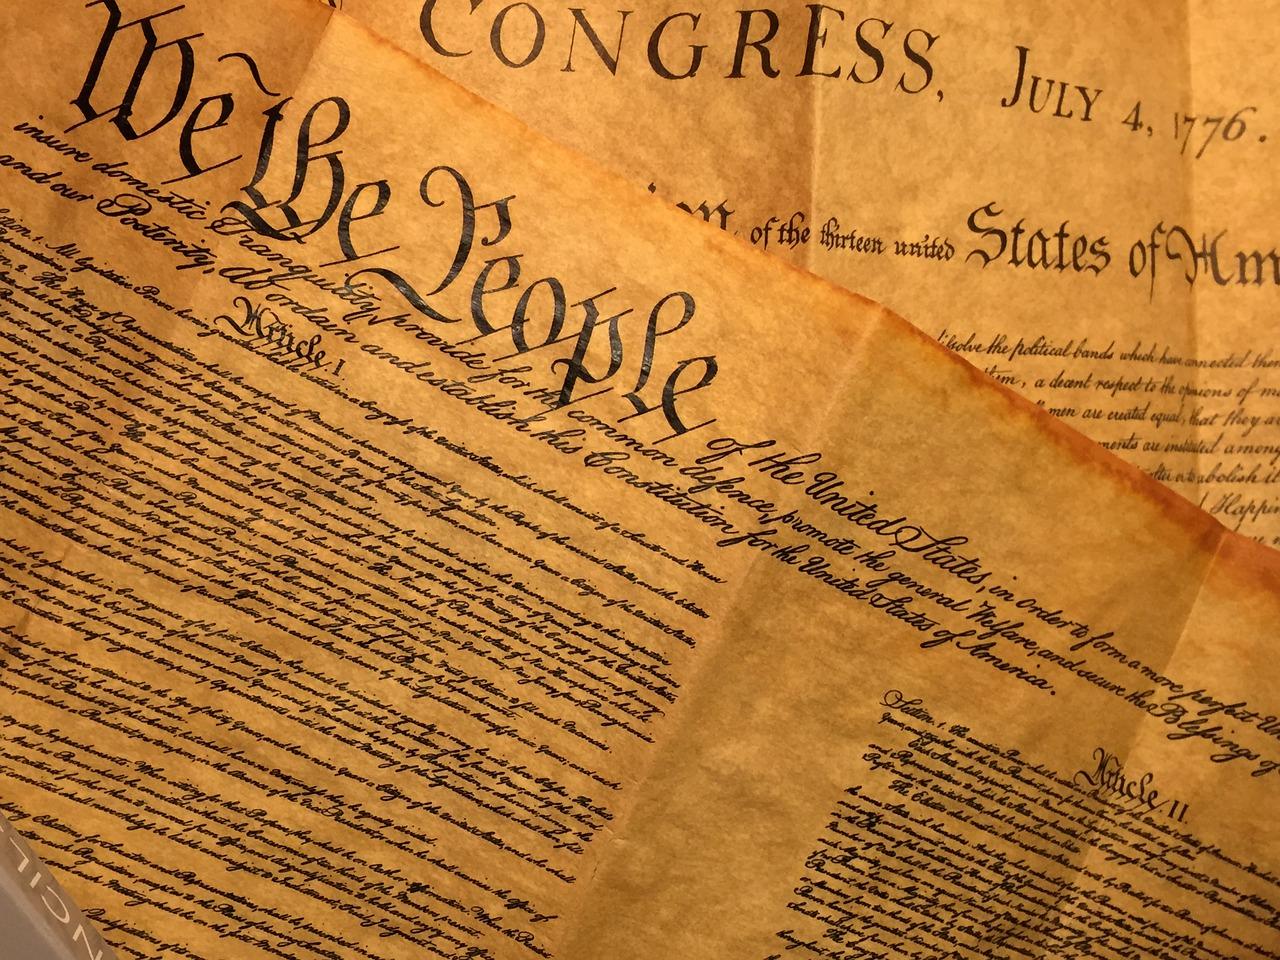 Die Verfassung: Ein Dokument dass das Internet gut gebrauchen könnte